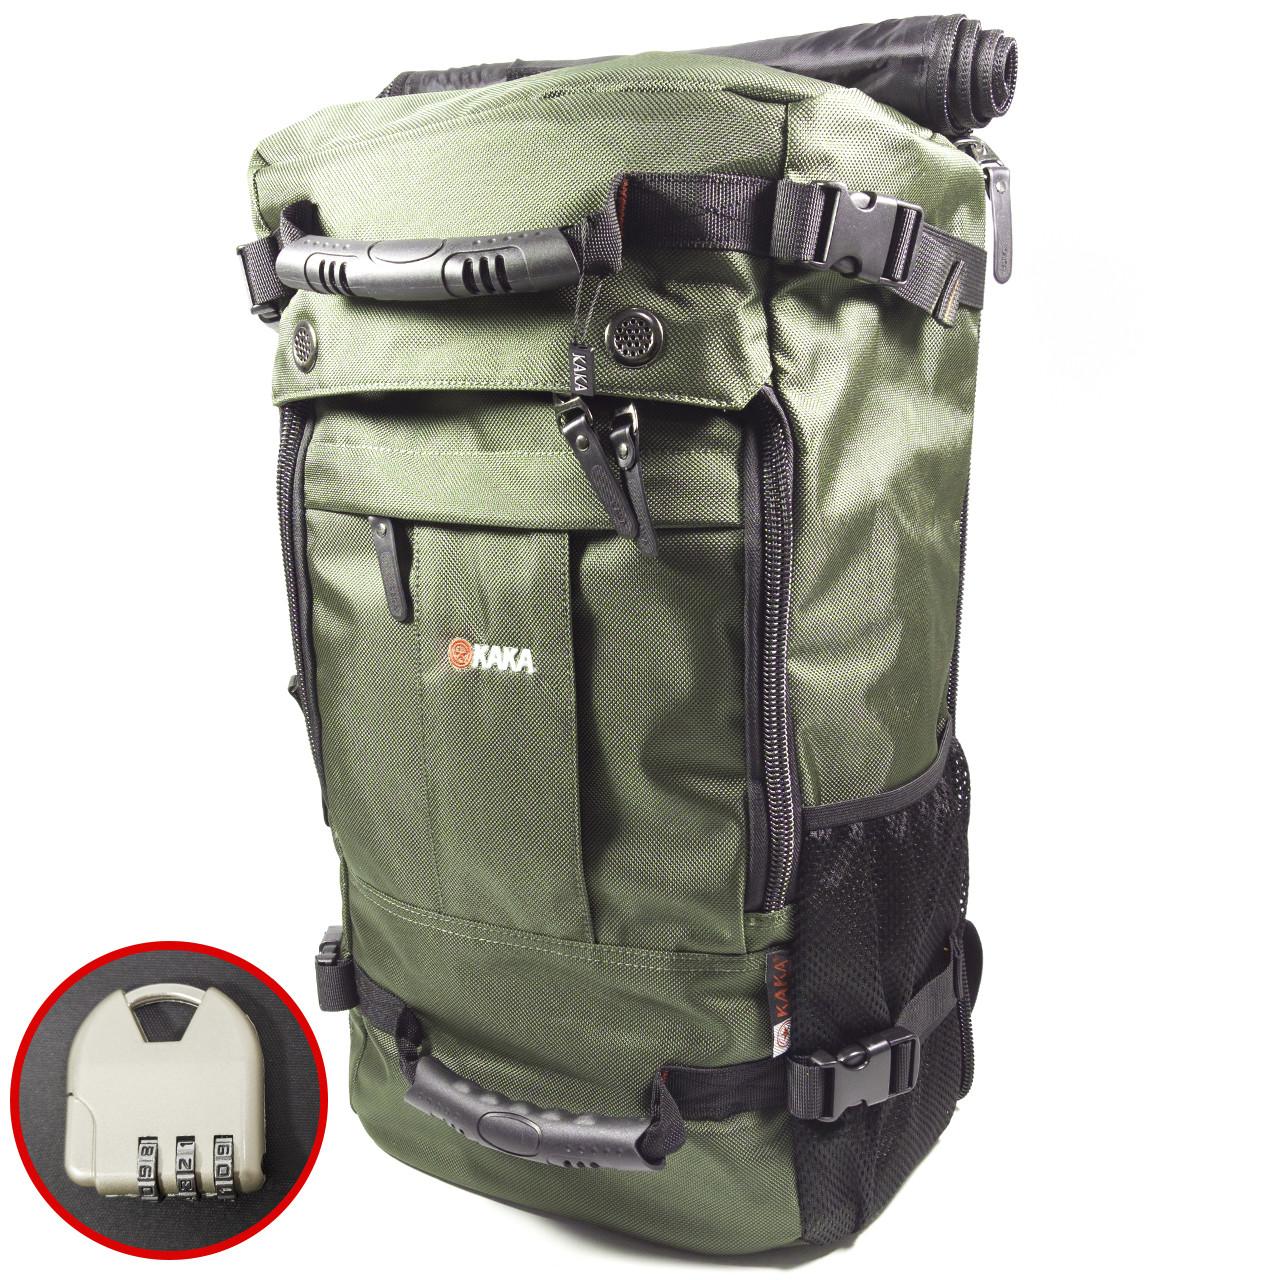 Рюкзак-сумка дорожня для подорожей KAKA 2050 D Green з кодовим замком дихаючої спинкою багато відділень